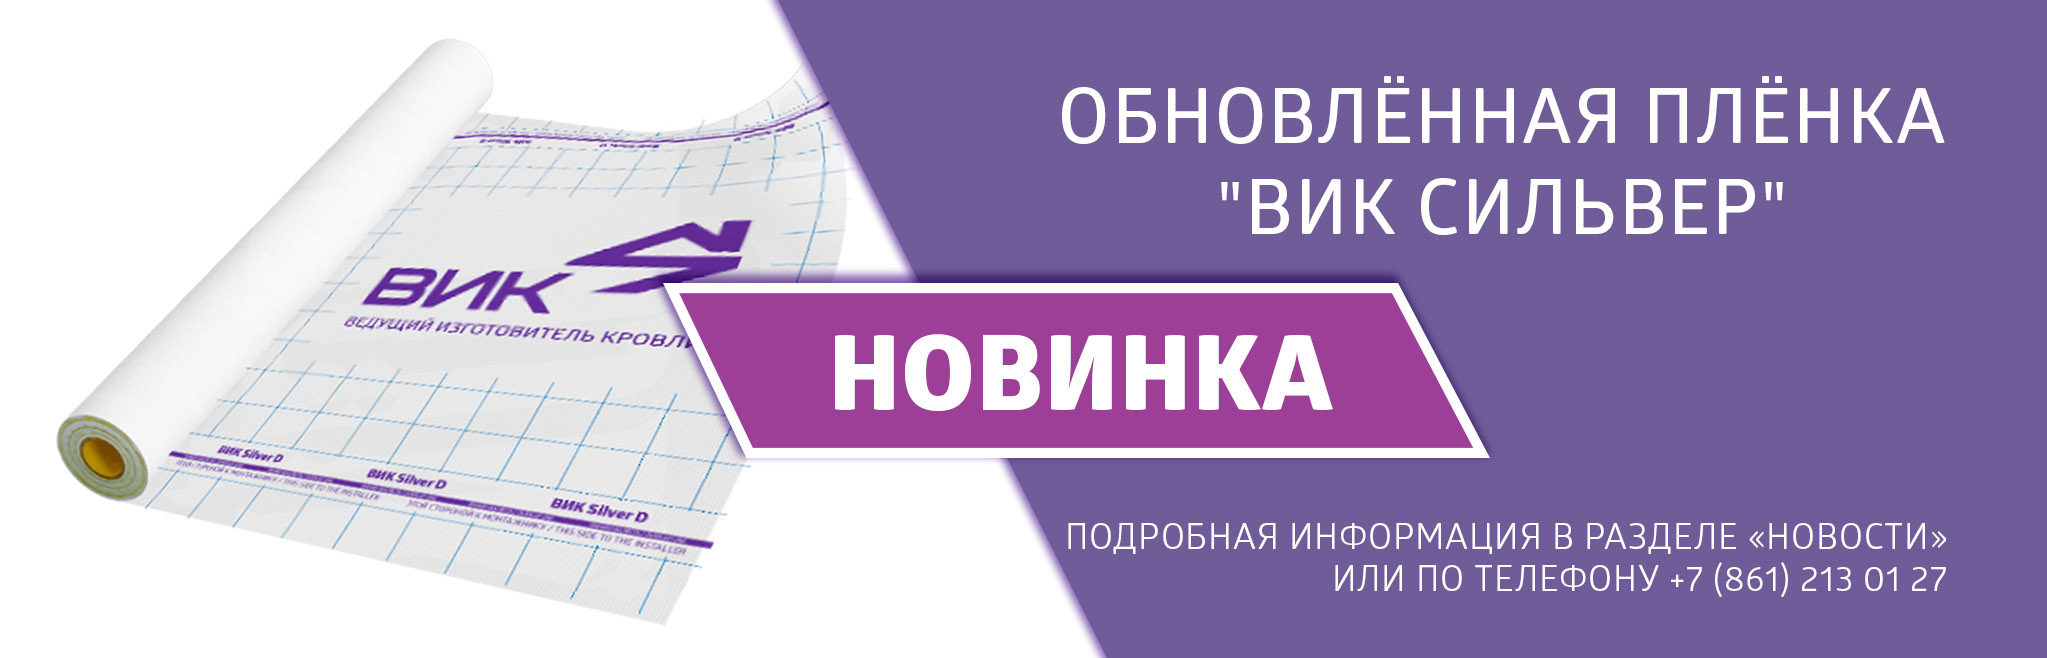 пленка_вик